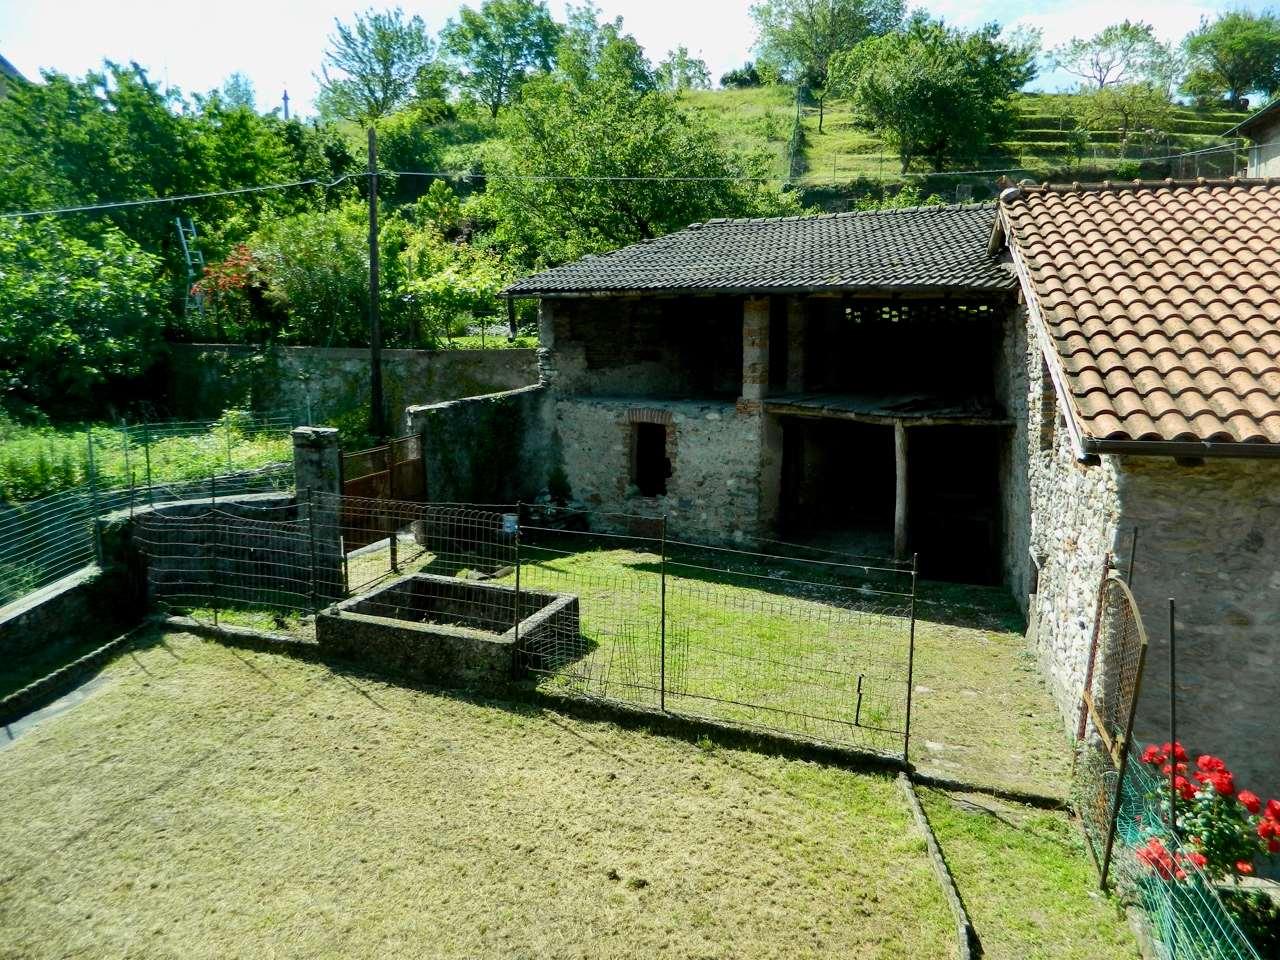 Appartamento in vendita a Brenta, 8 locali, prezzo € 50.000 | CambioCasa.it